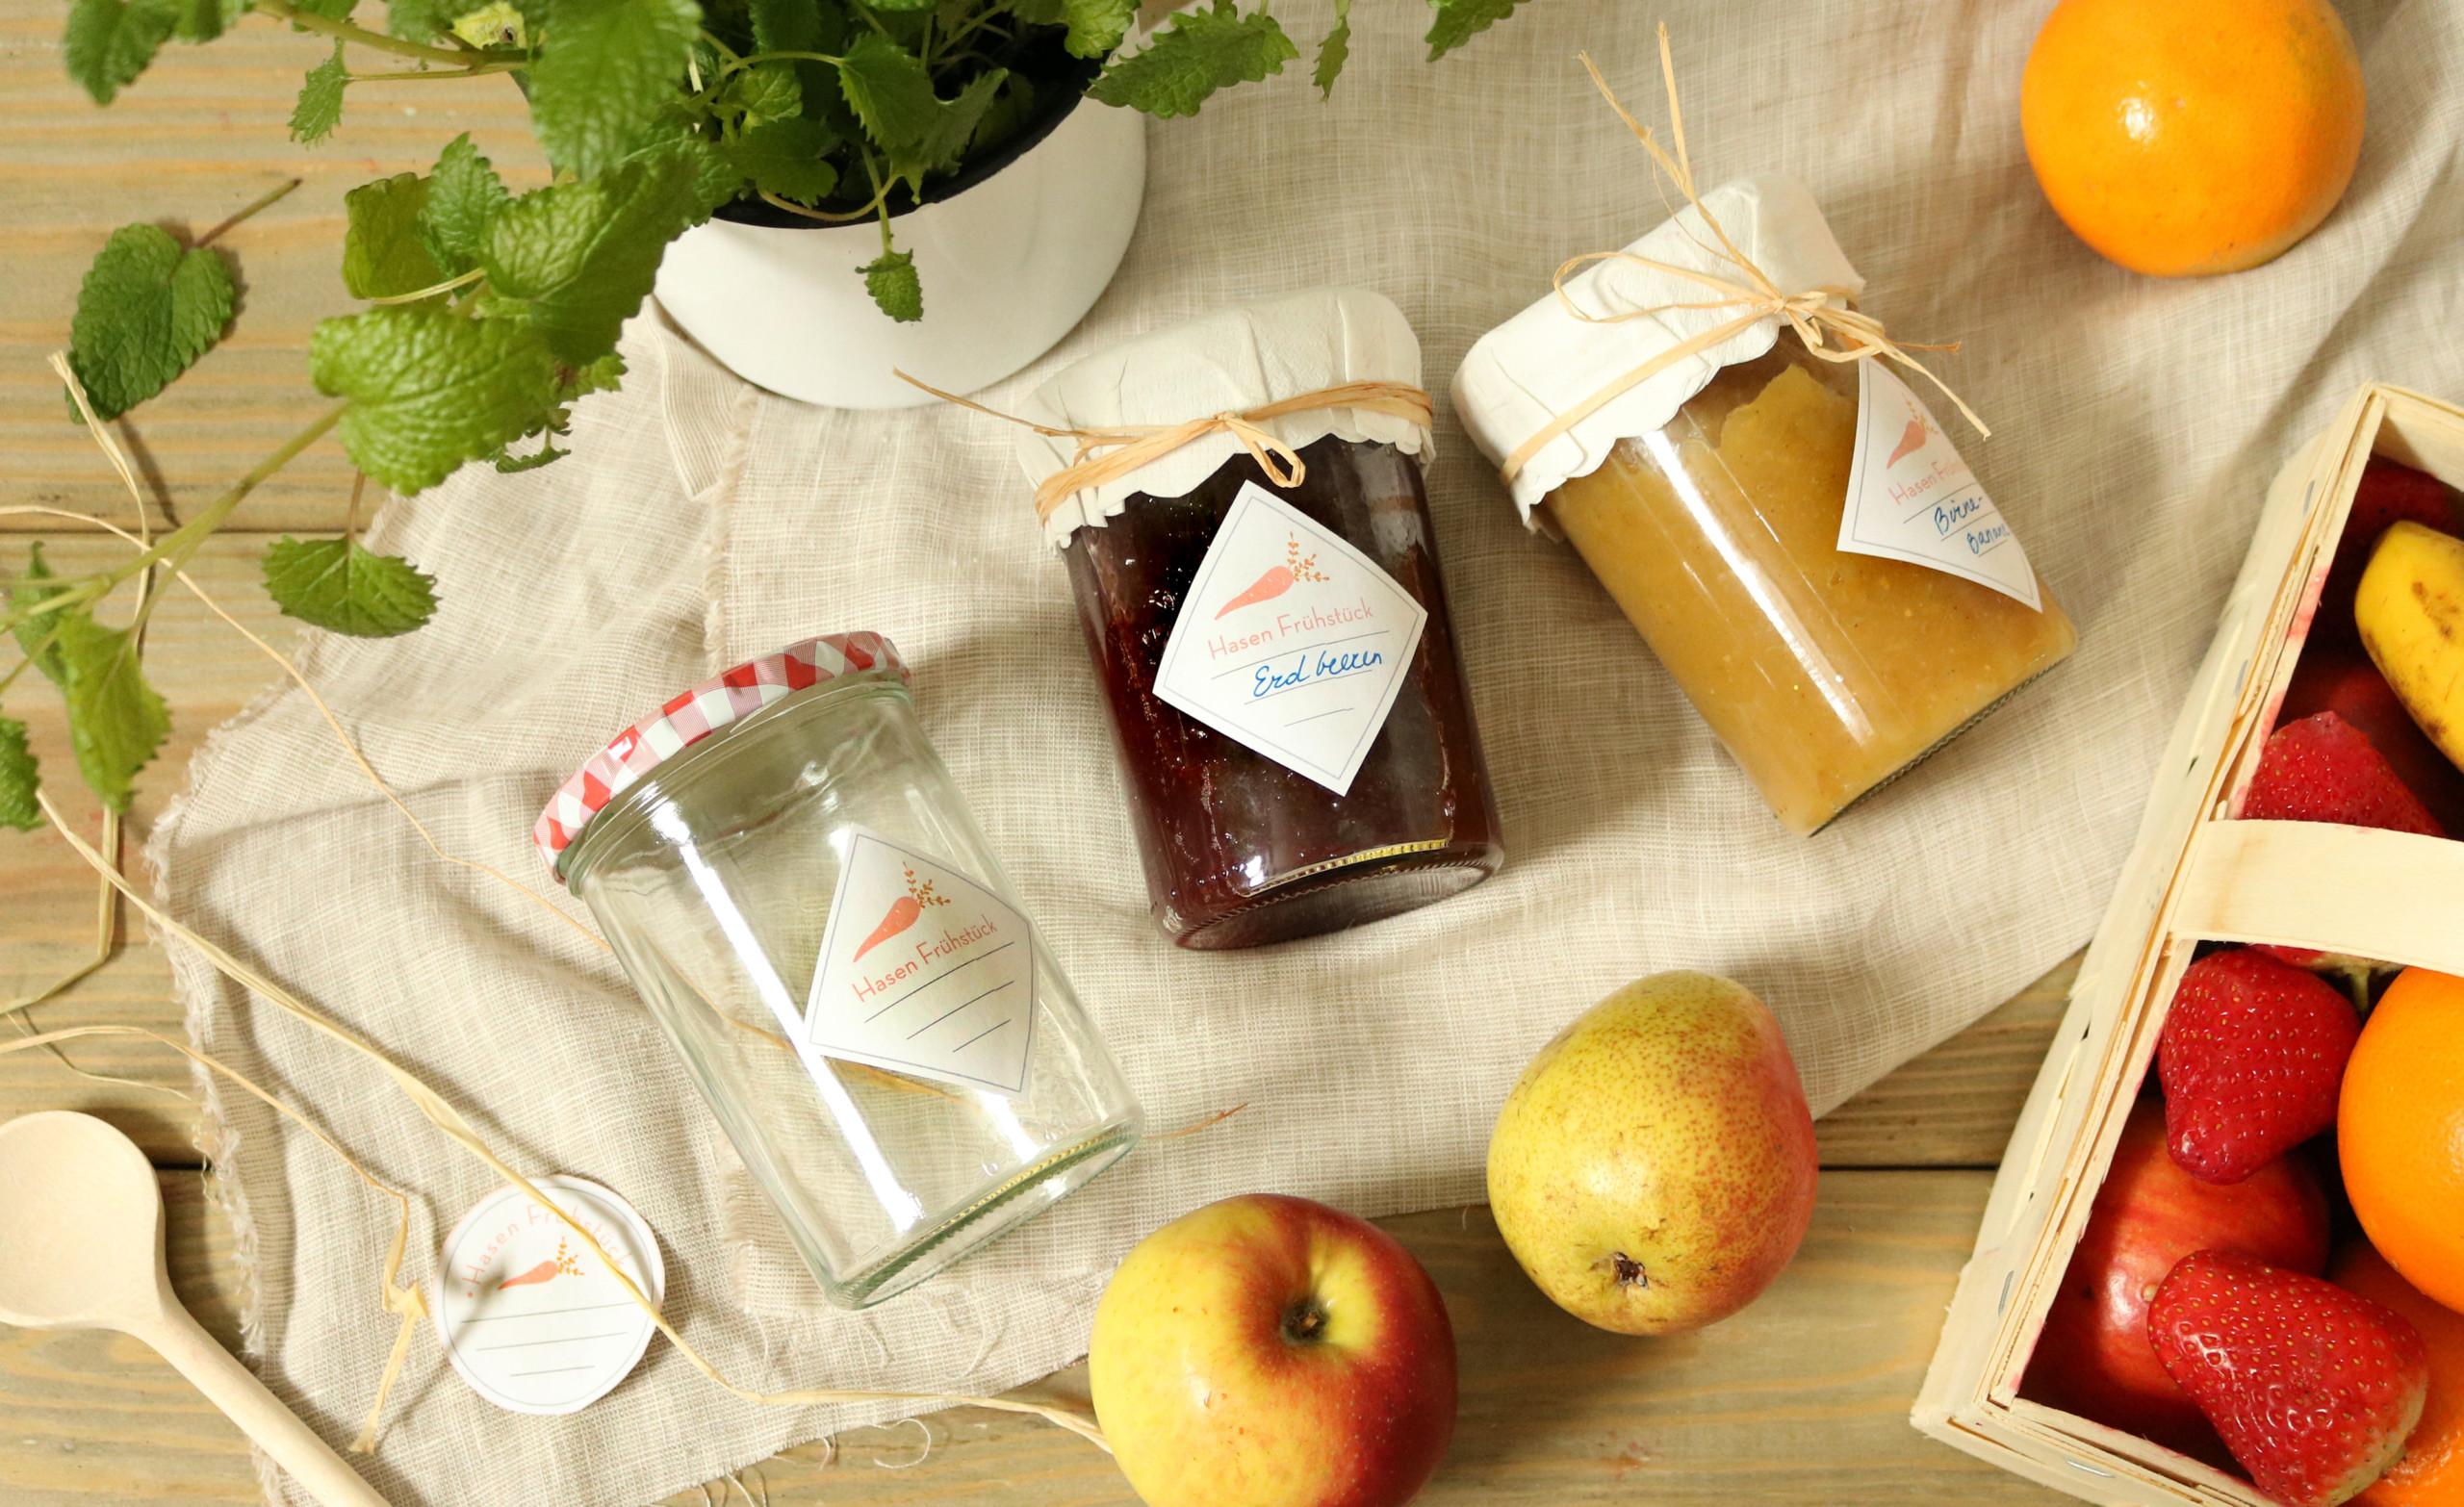 kinderleichte rezepte f r marmelade und marmeladenetiketten zum kostenlosen ausdrucken limango. Black Bedroom Furniture Sets. Home Design Ideas